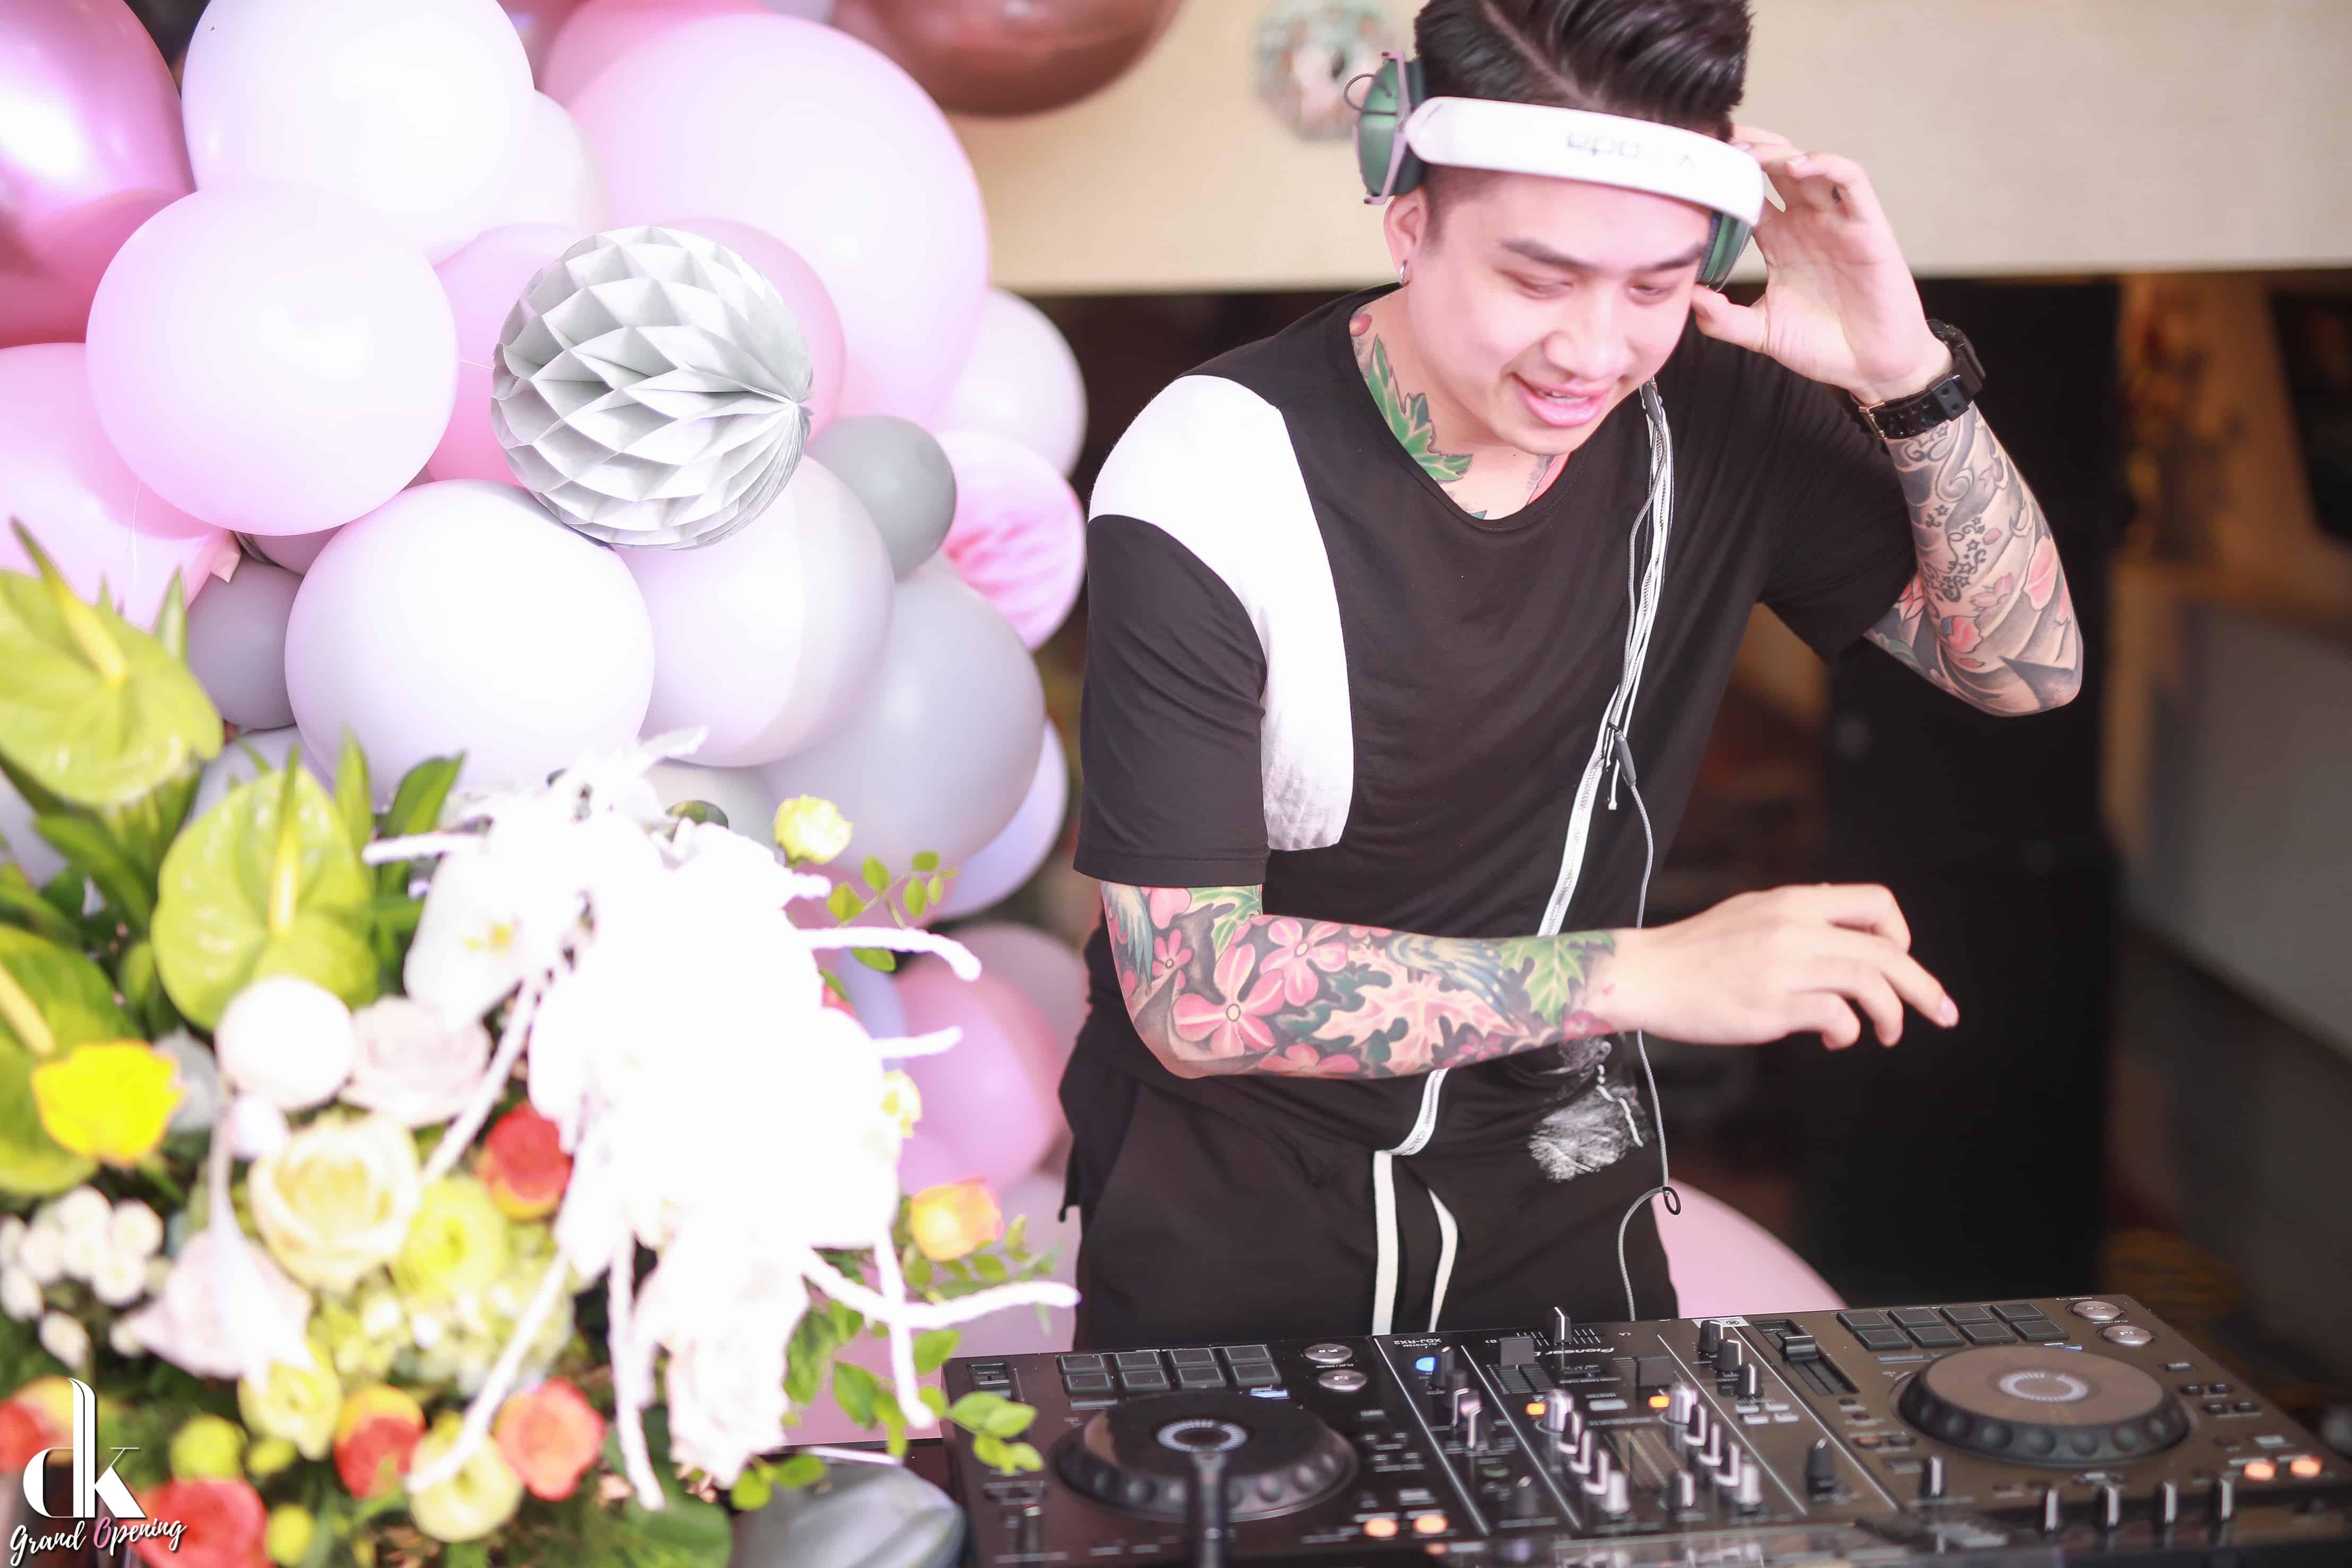 DJ Cukiu – DJ chơi nhạc chính trong suốt chương trình